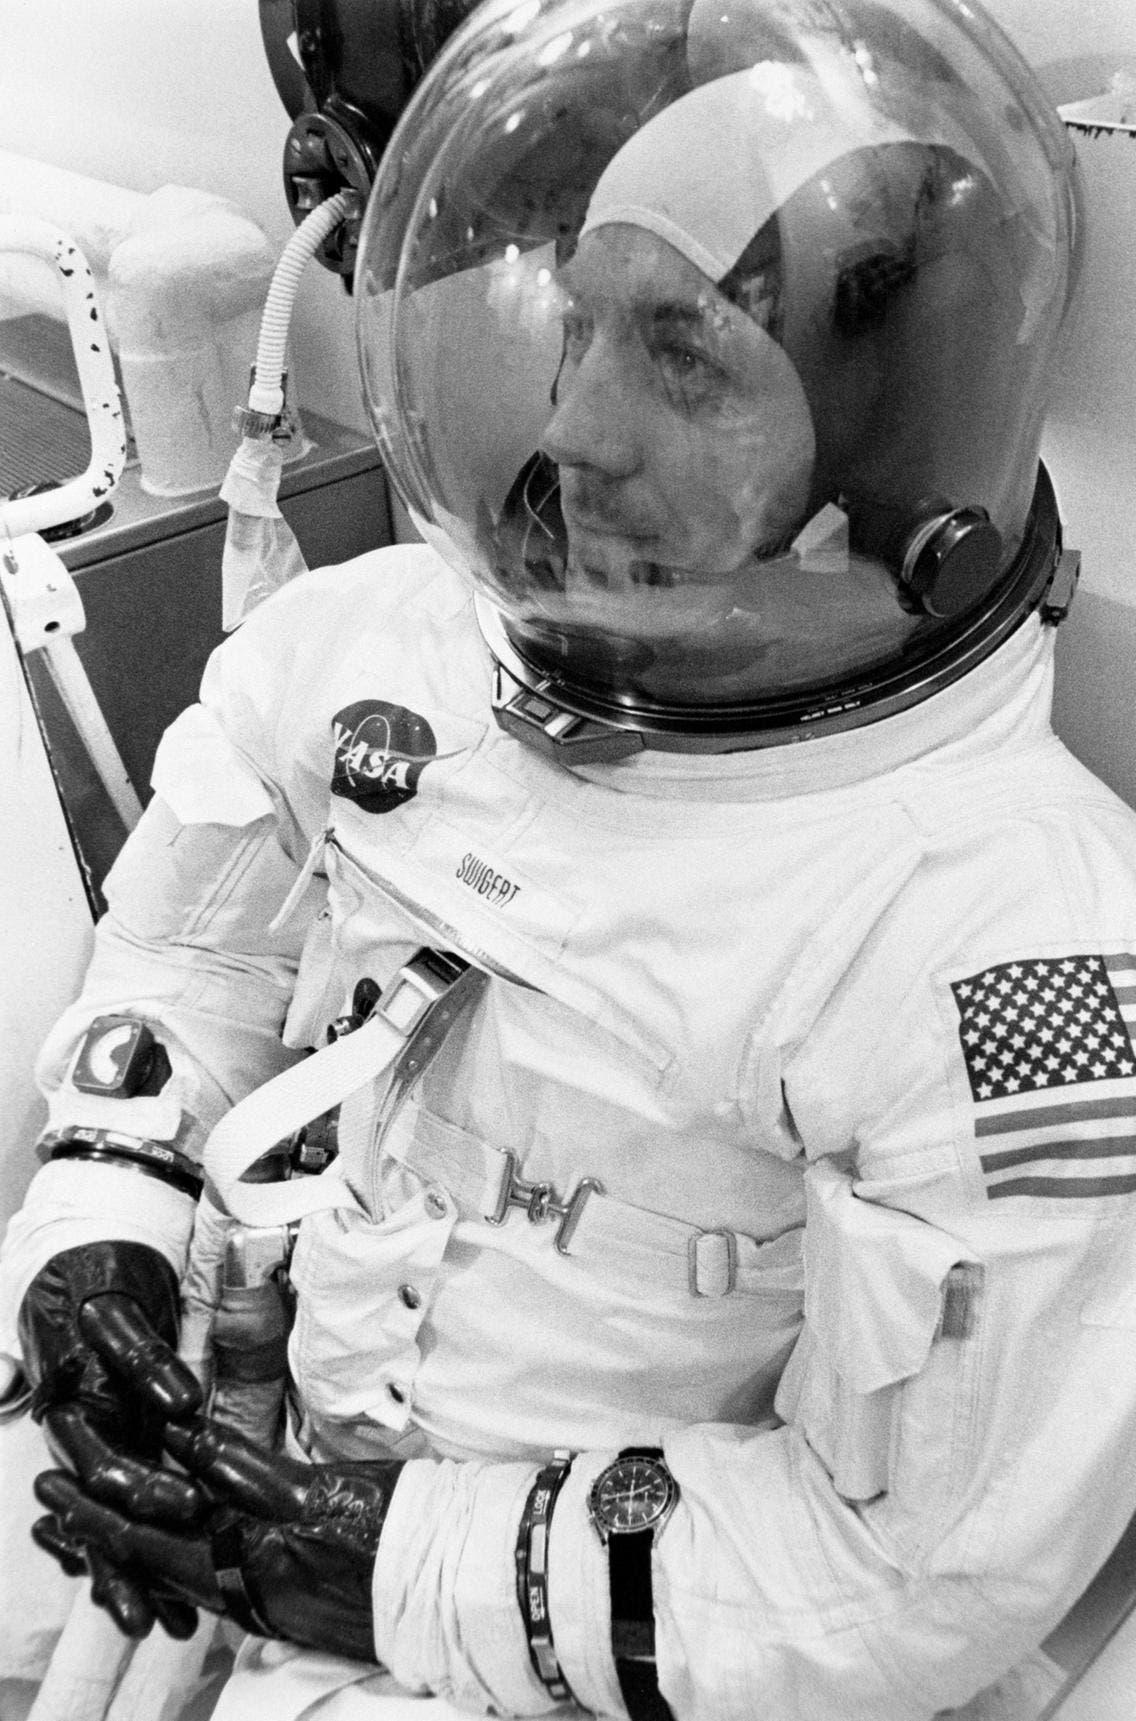 رائد الفضاء جاك سويغرت أثناء التحضير لإنطلاق رحلة أبولو13 في 1970 وفي يده ساعة أوميغا